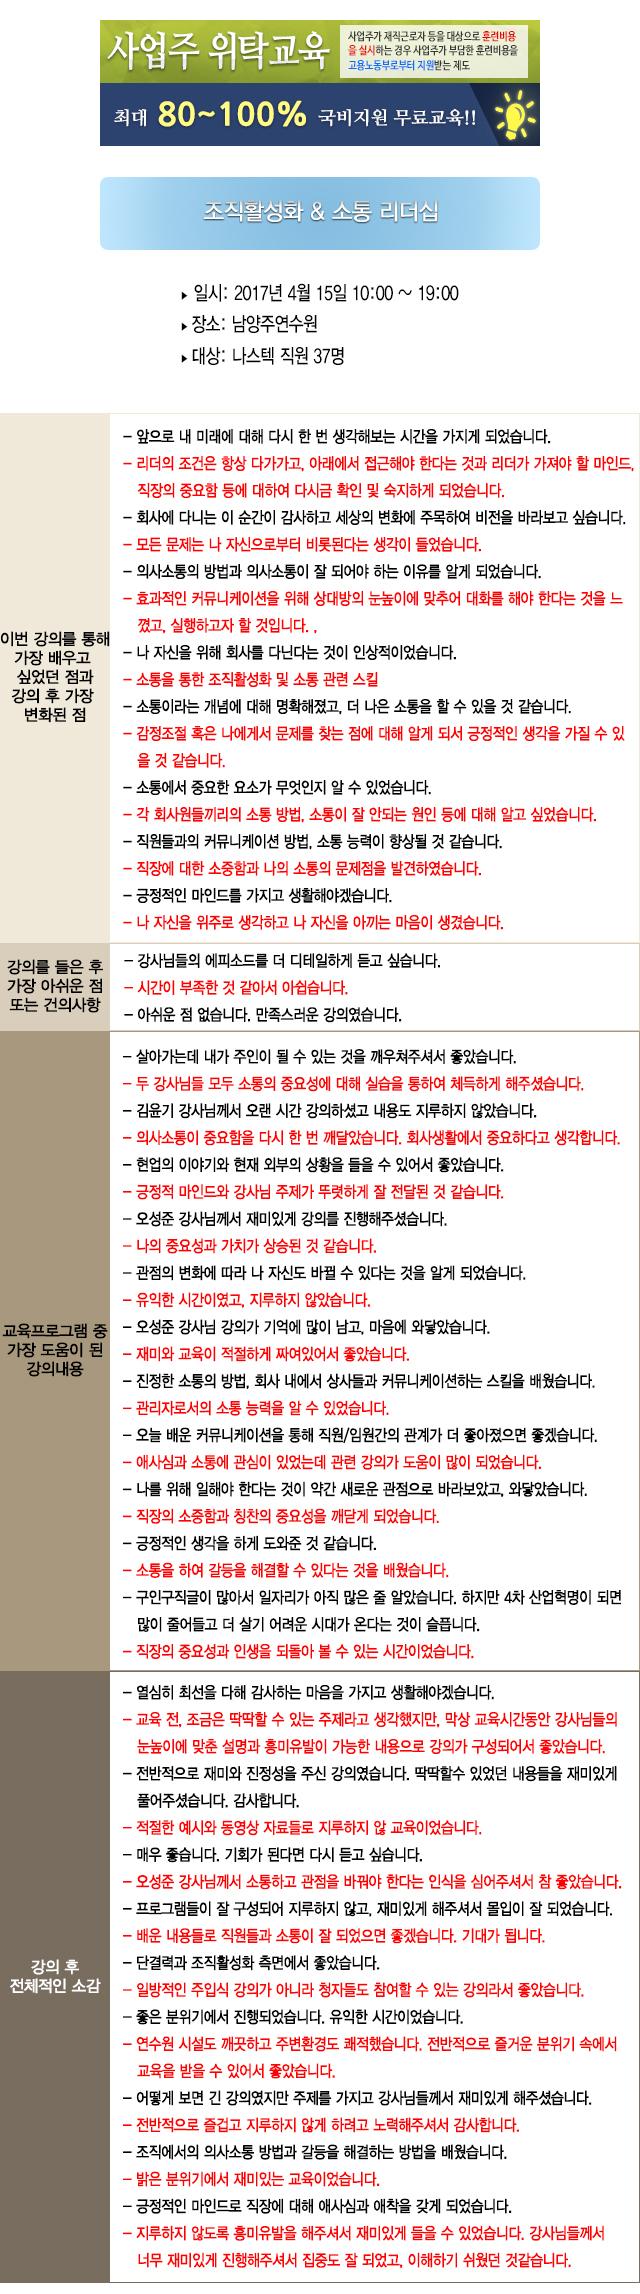 한국중앙인재개발원 후기 나스텍.jpg